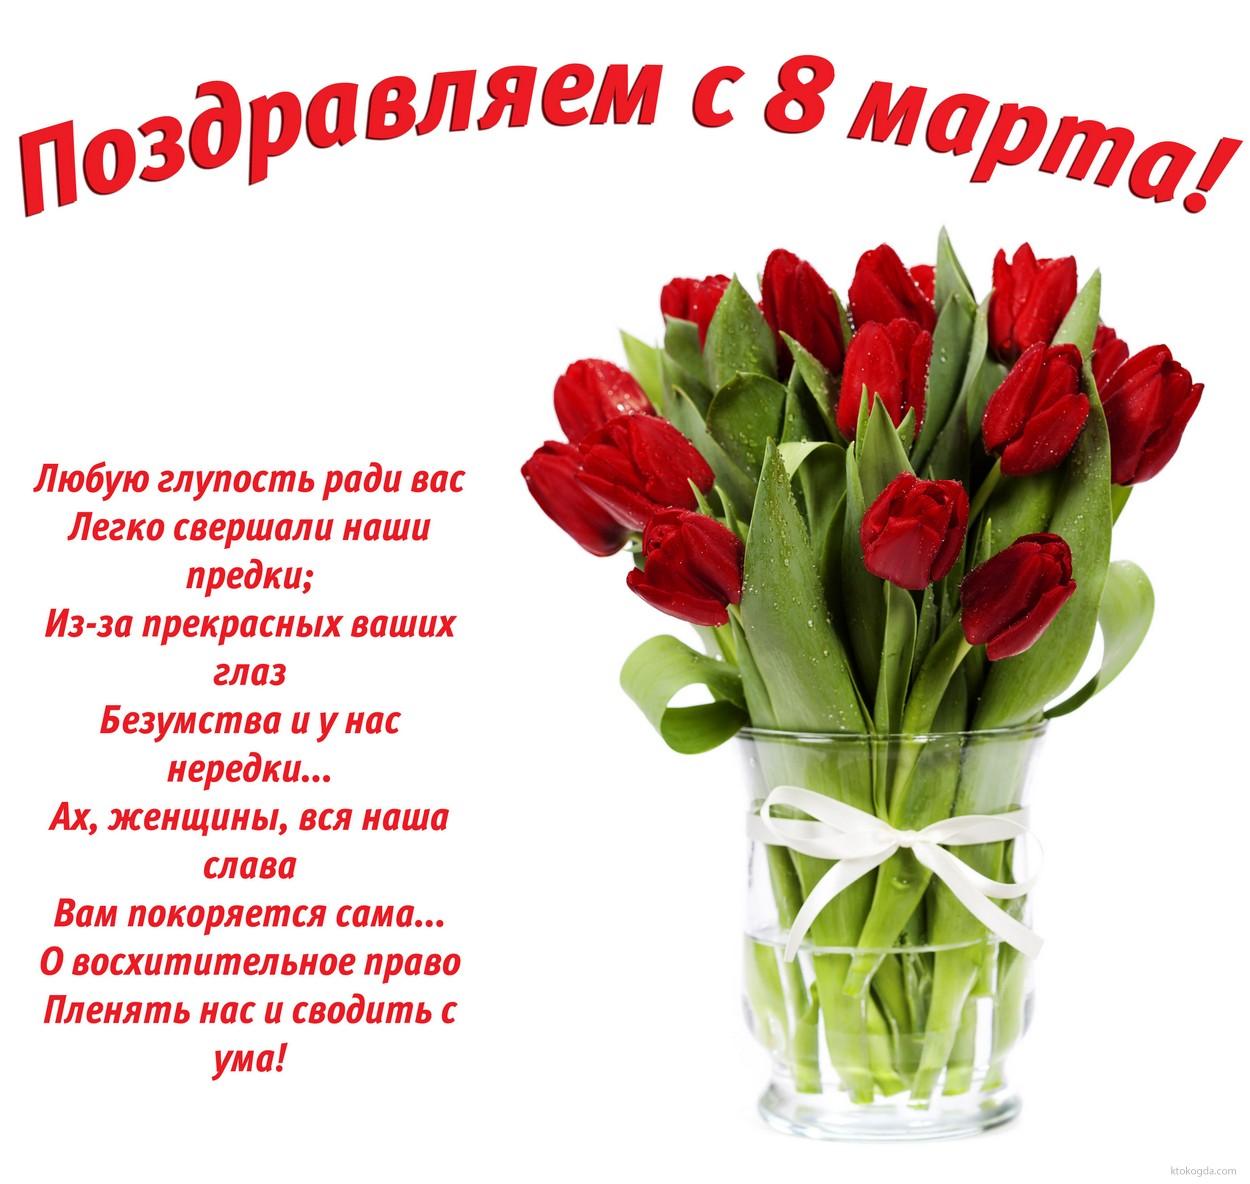 Поздравления на 8-марта. стихами 687